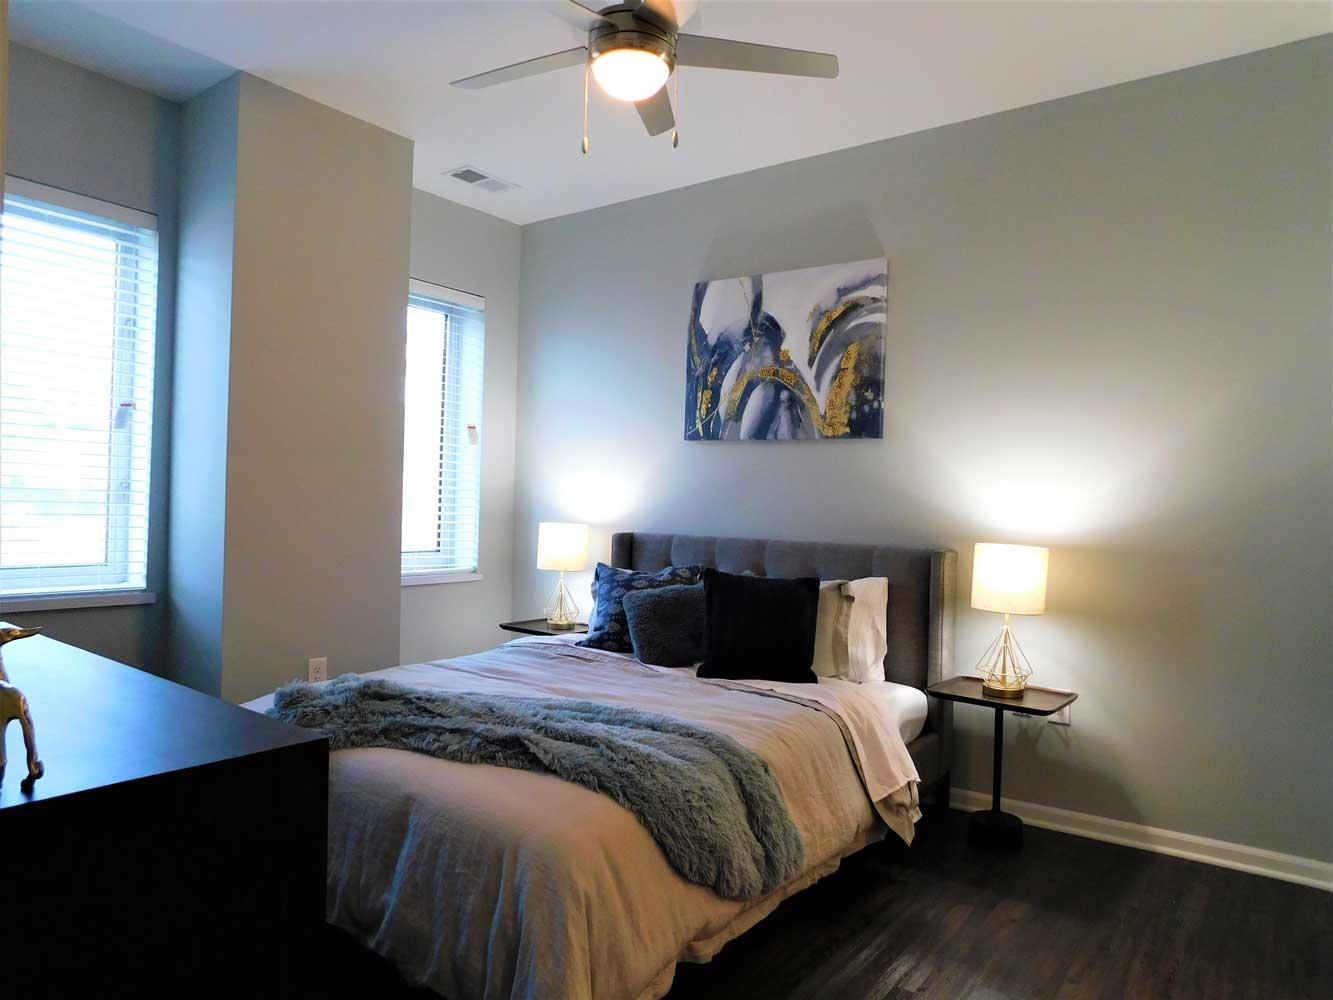 Bedroom at Midtown Plaza Apartments in Kansas City, MO